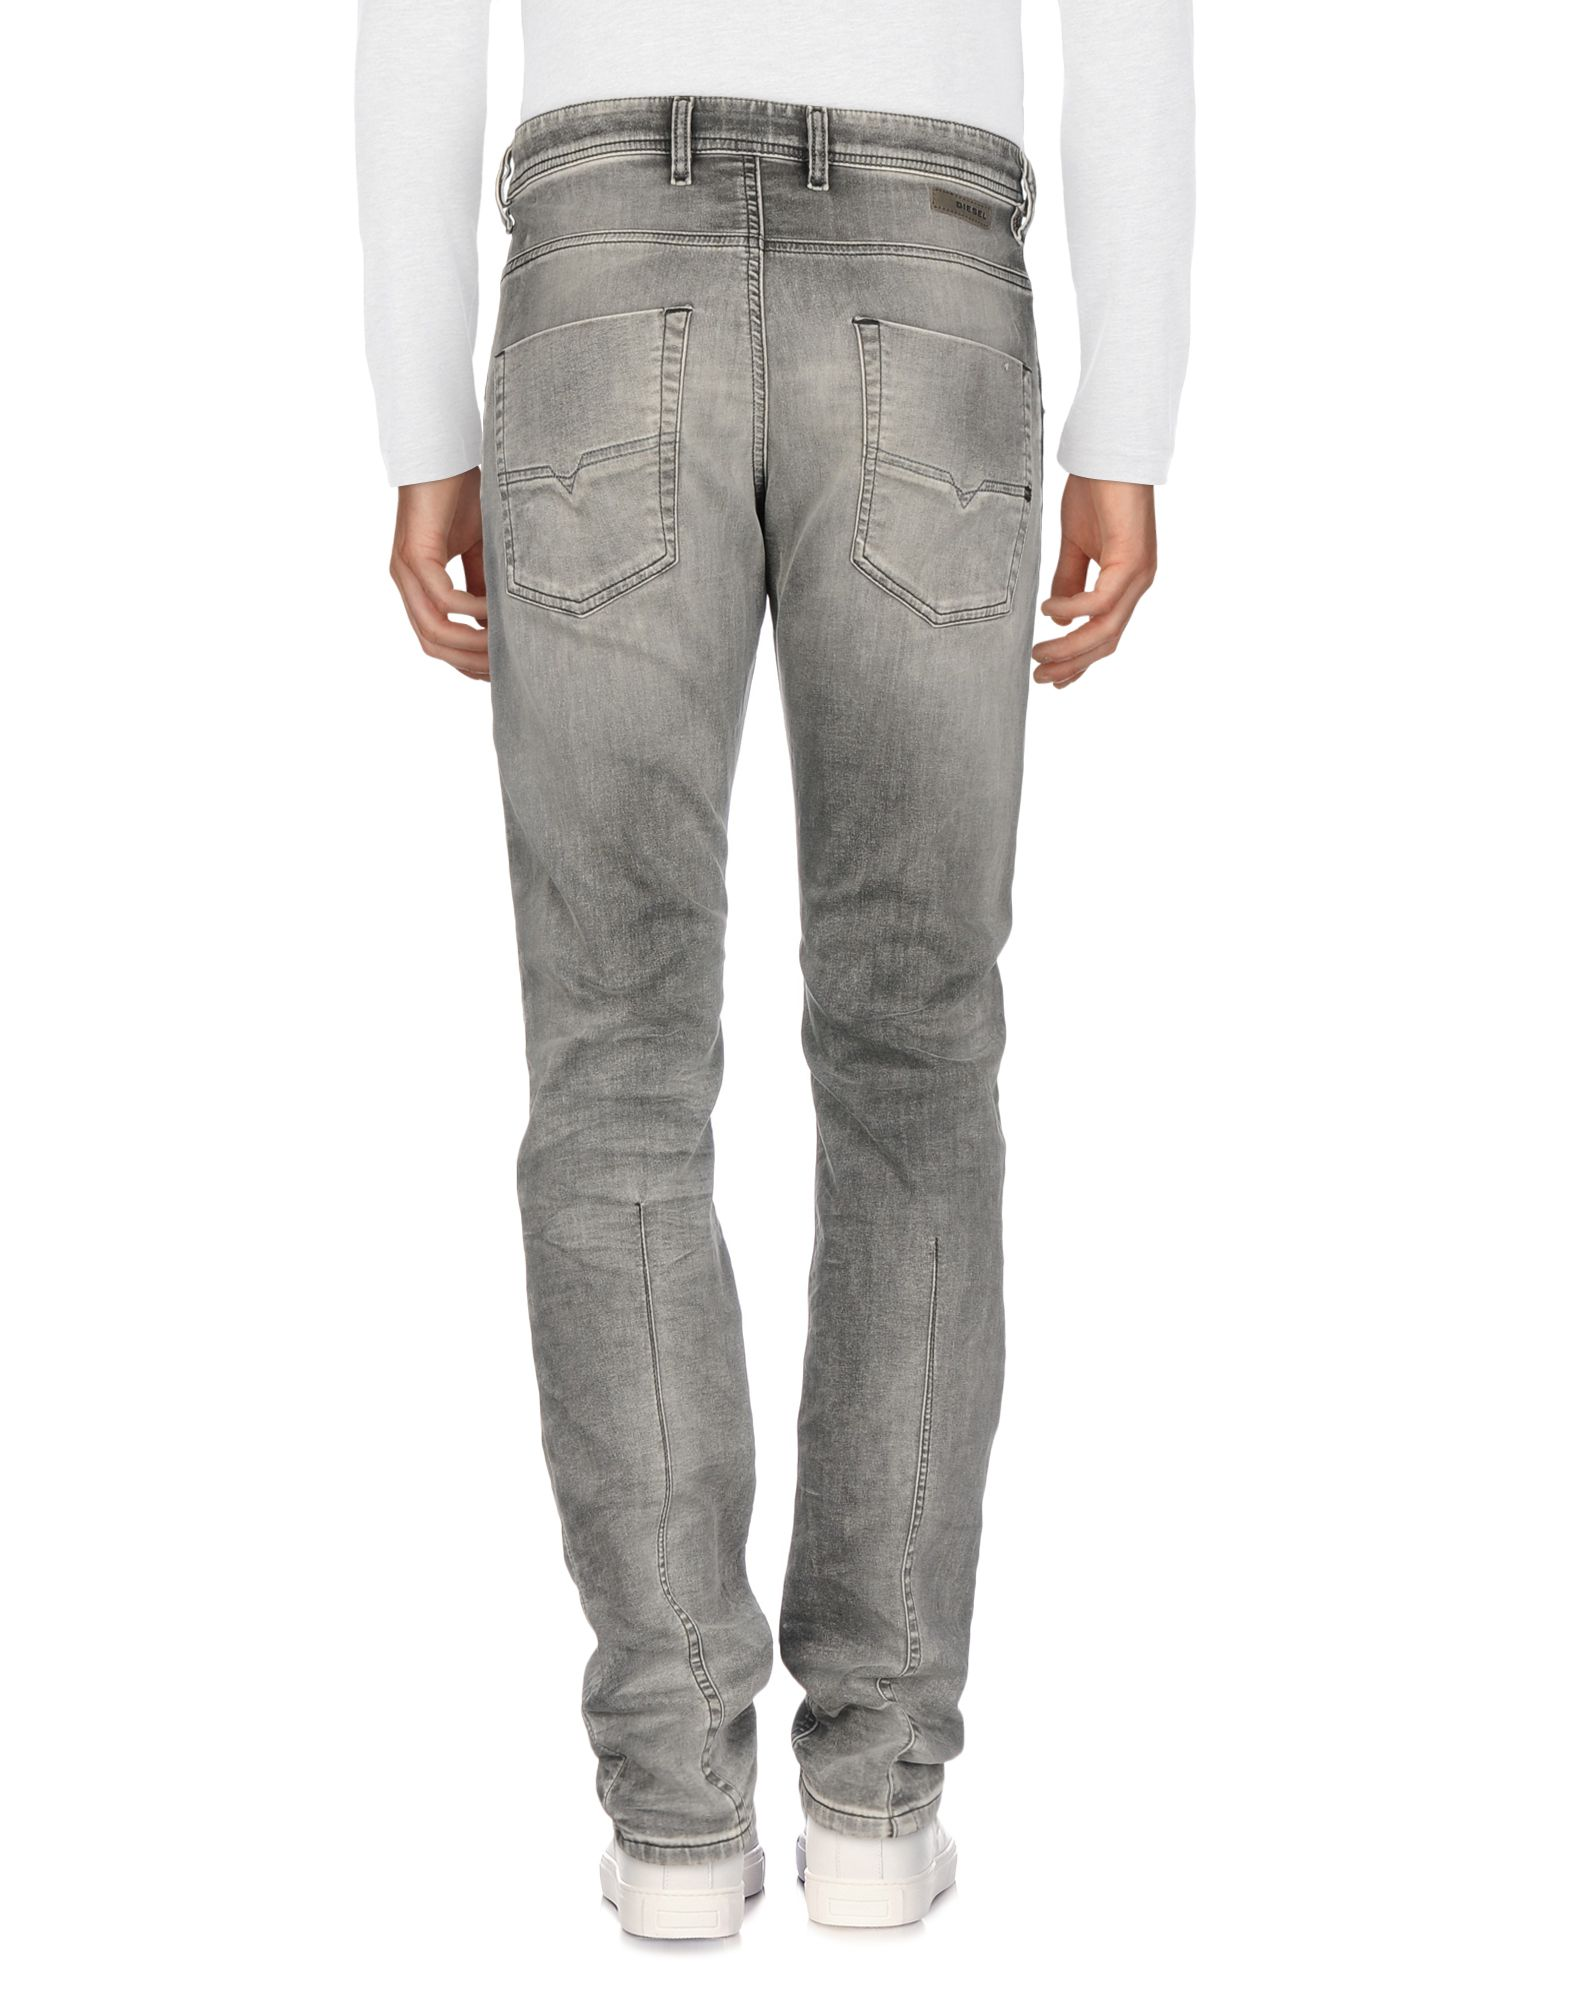 Pantaloni Jeans 42671200GF Diesel Uomo - 42671200GF Jeans 641453